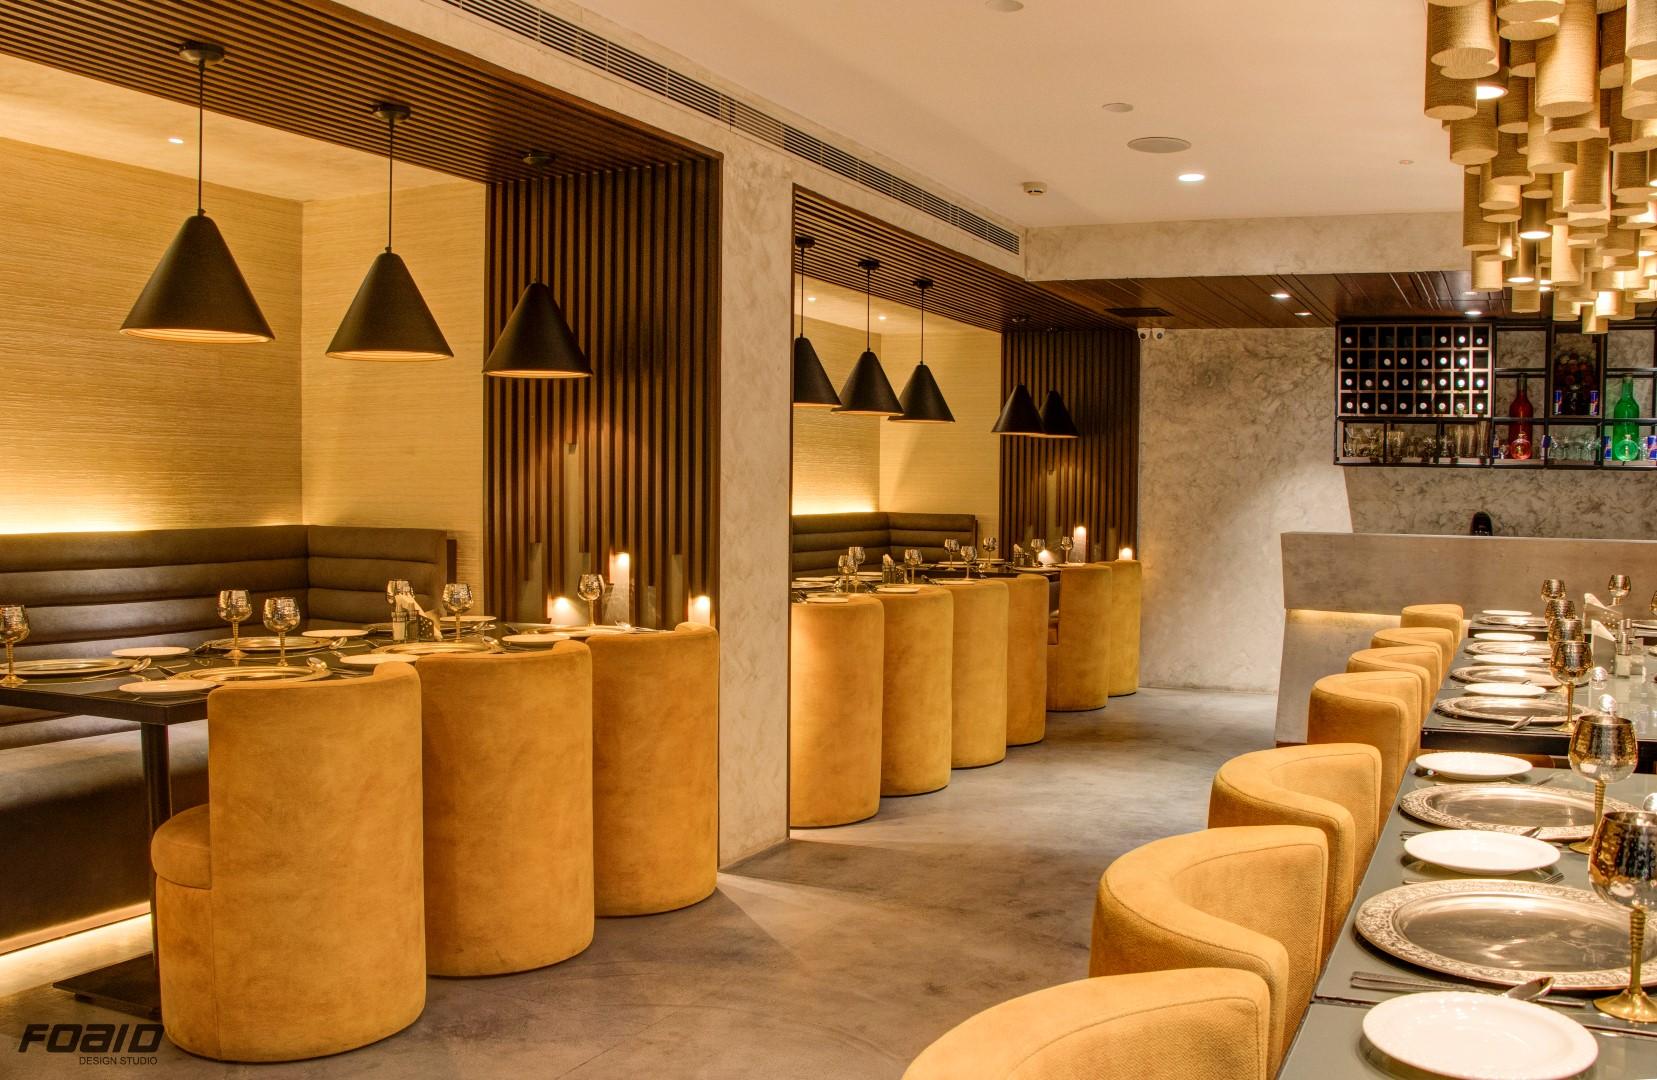 Jalpaan Restaurant Interiors Is Adaption Of Indian Modern Style Foaid